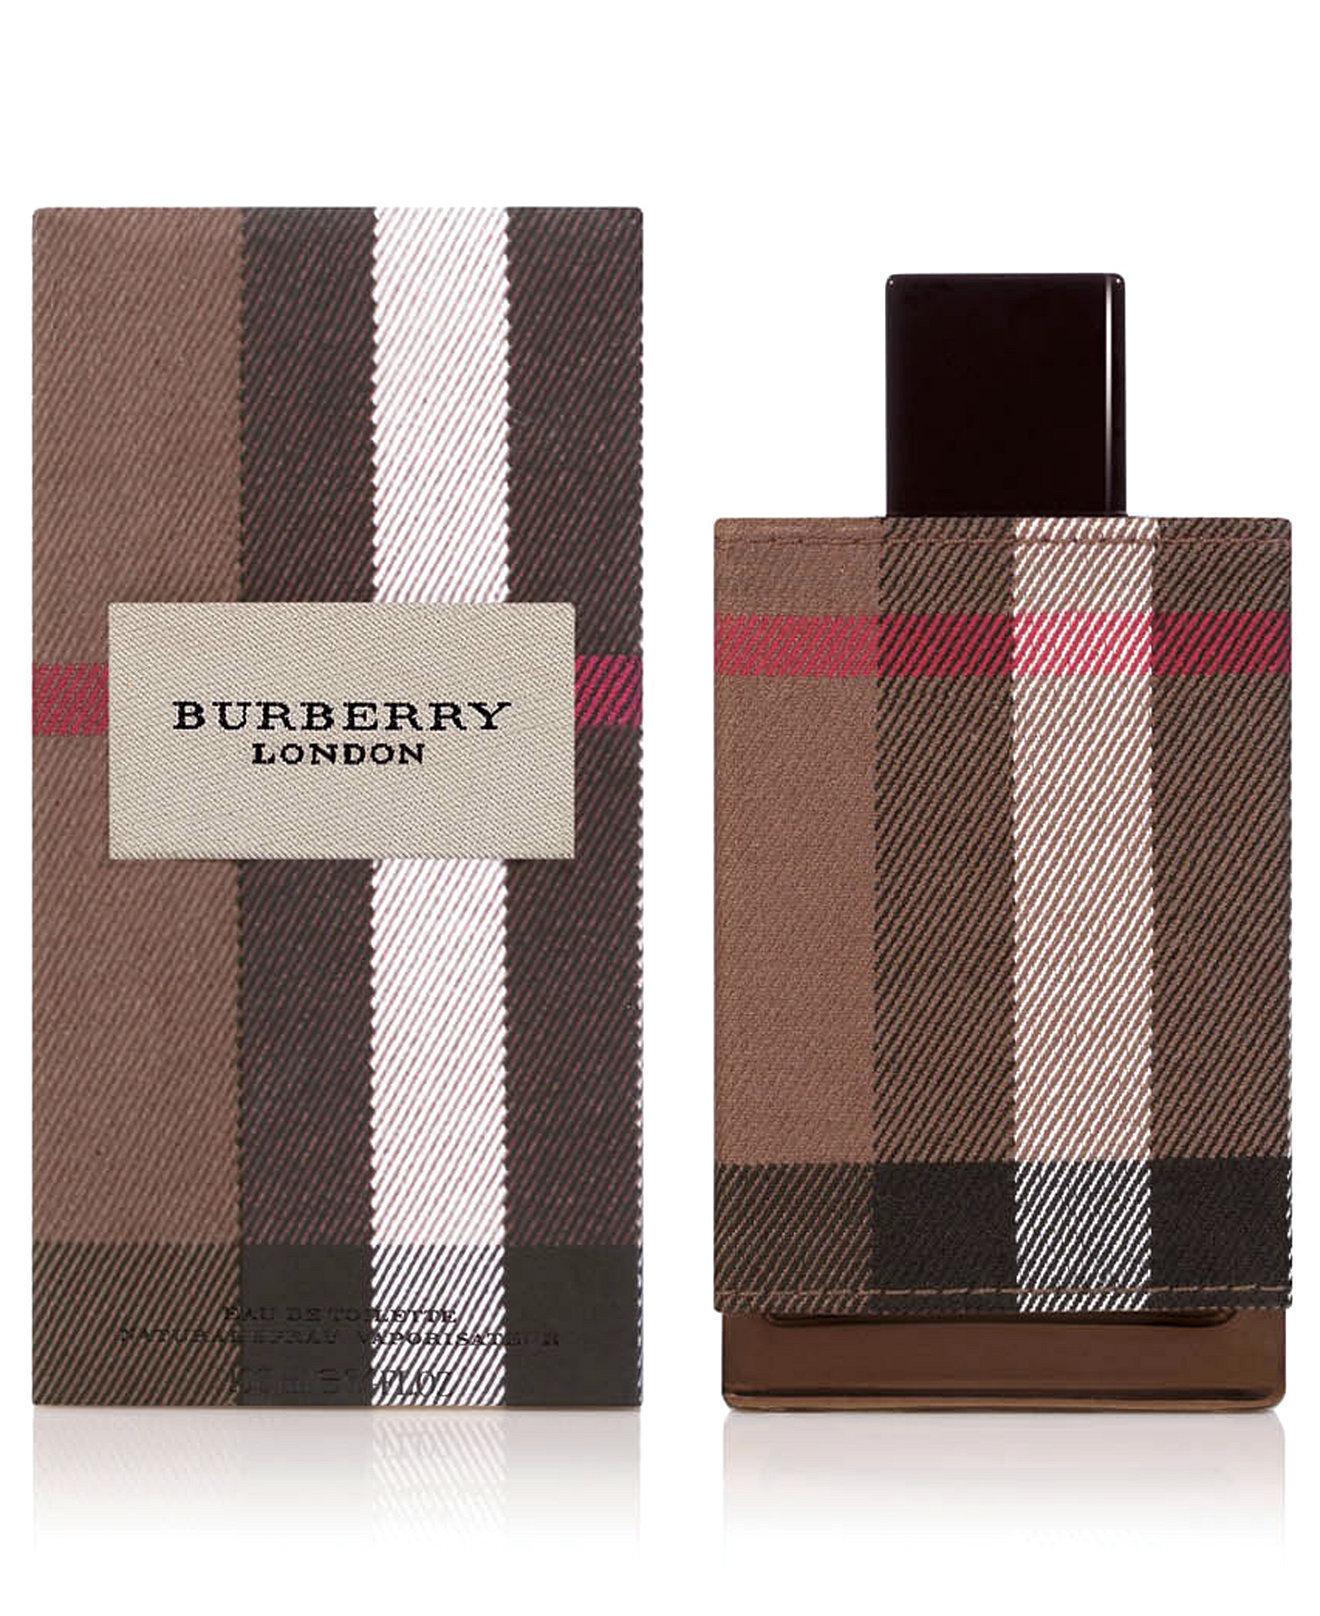 Burberry London Fabric Eau De Toilette for Men 100ml